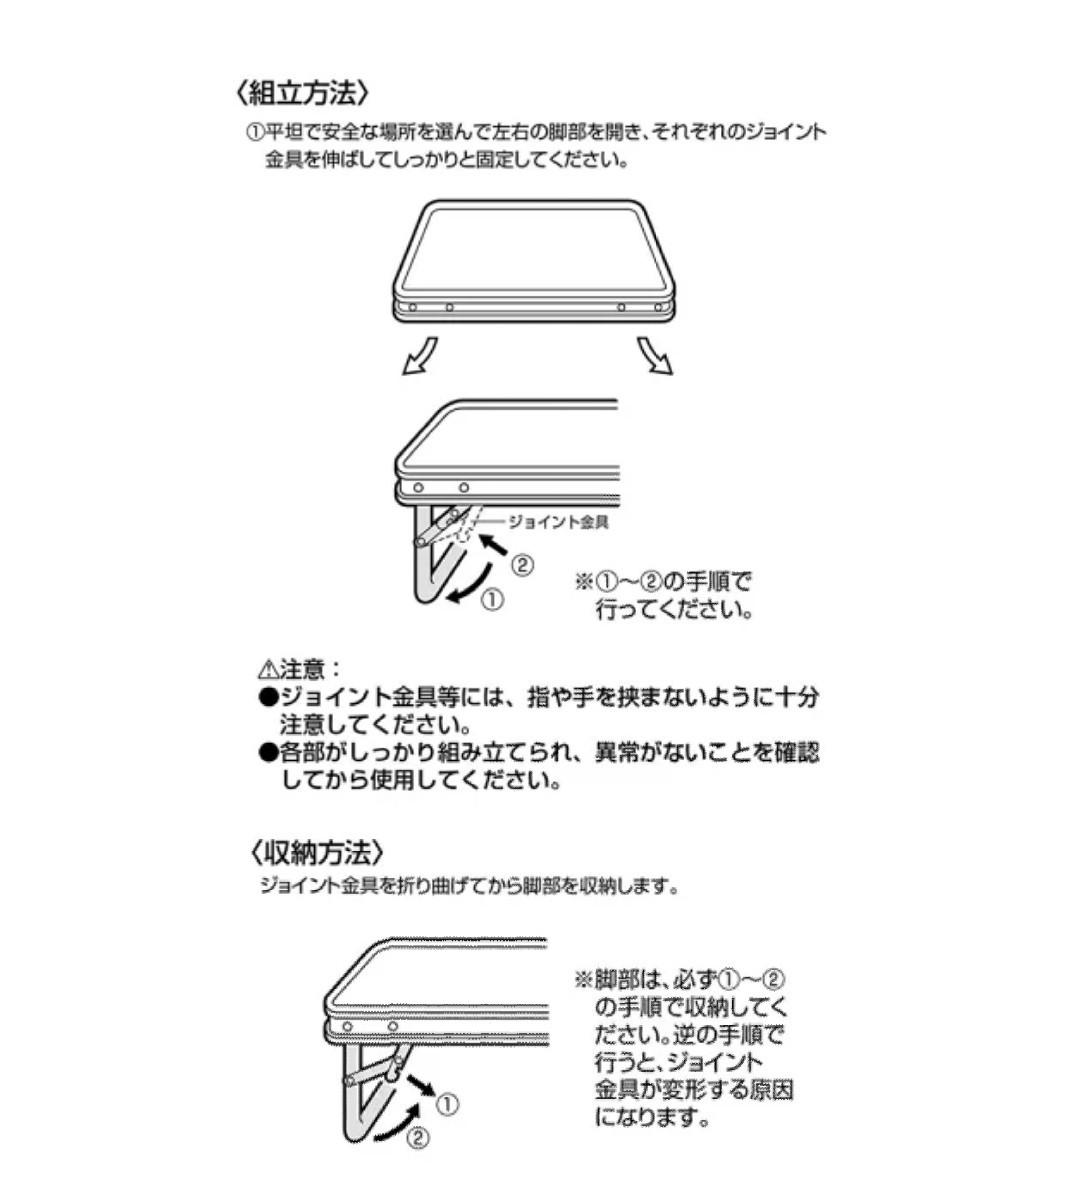 マーベル MARVEL アルミ 折り畳み ミニテーブル アメコミ アウトドア